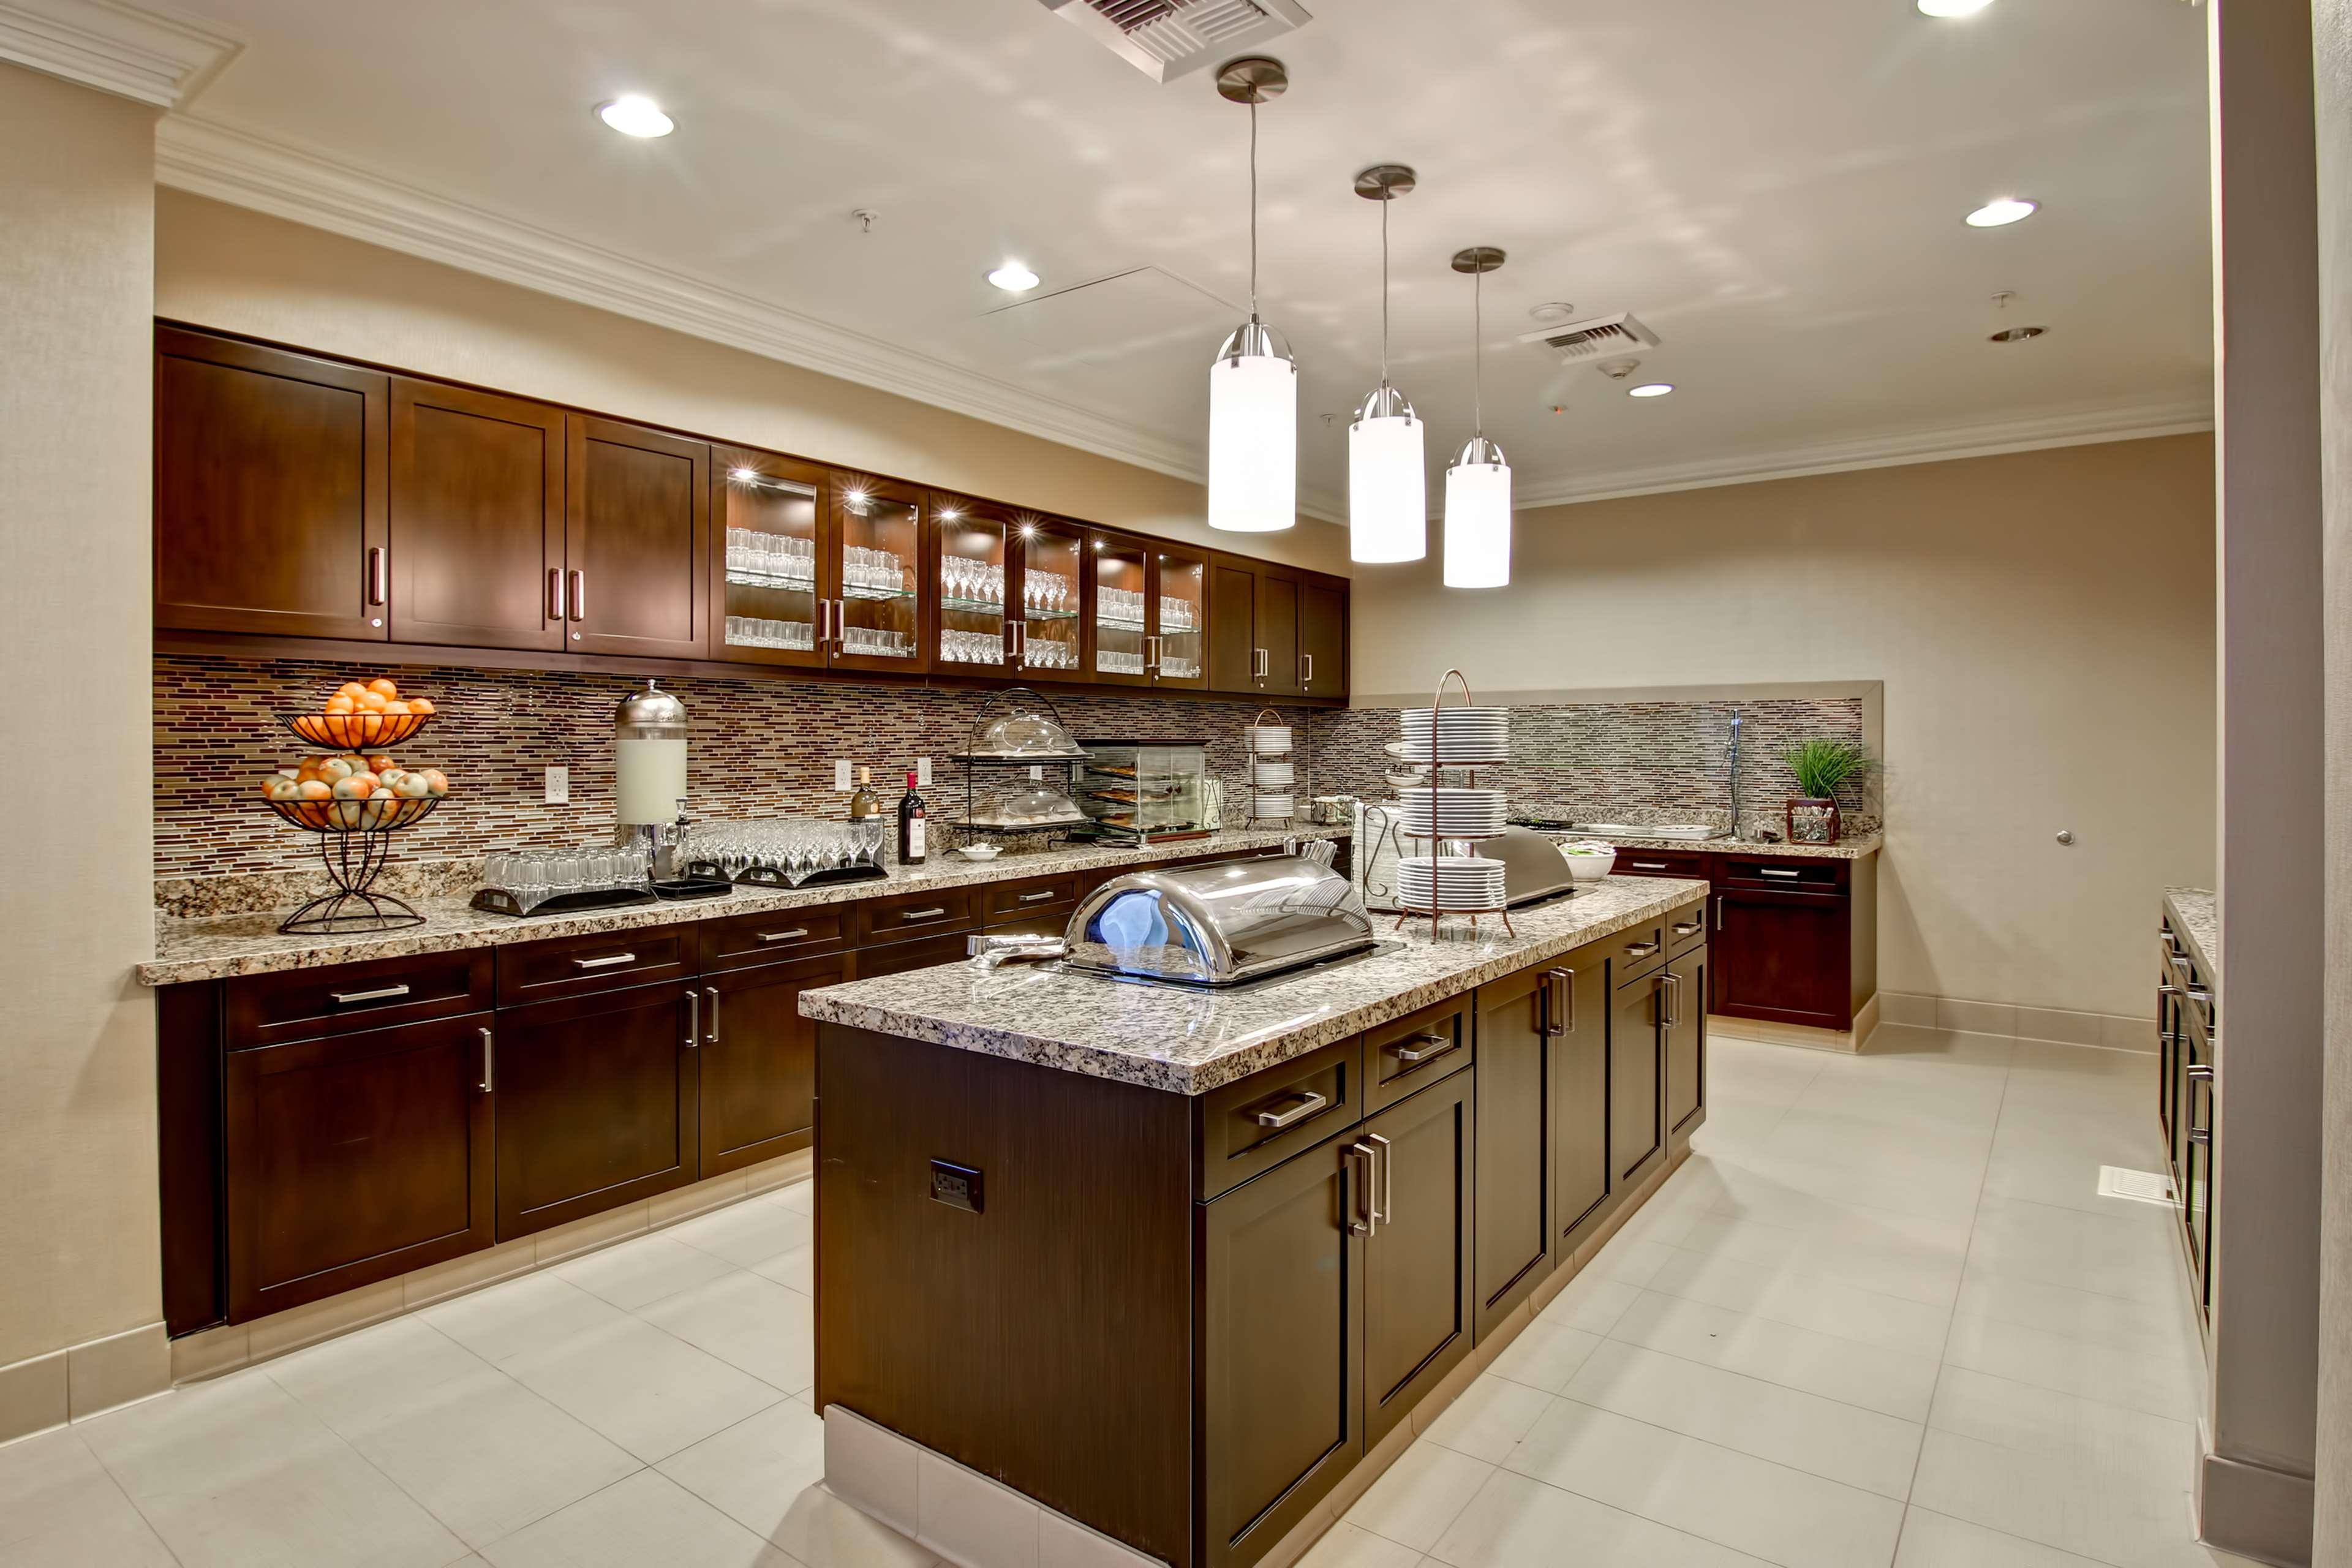 Homewood Suites by Hilton Palo Alto image 16